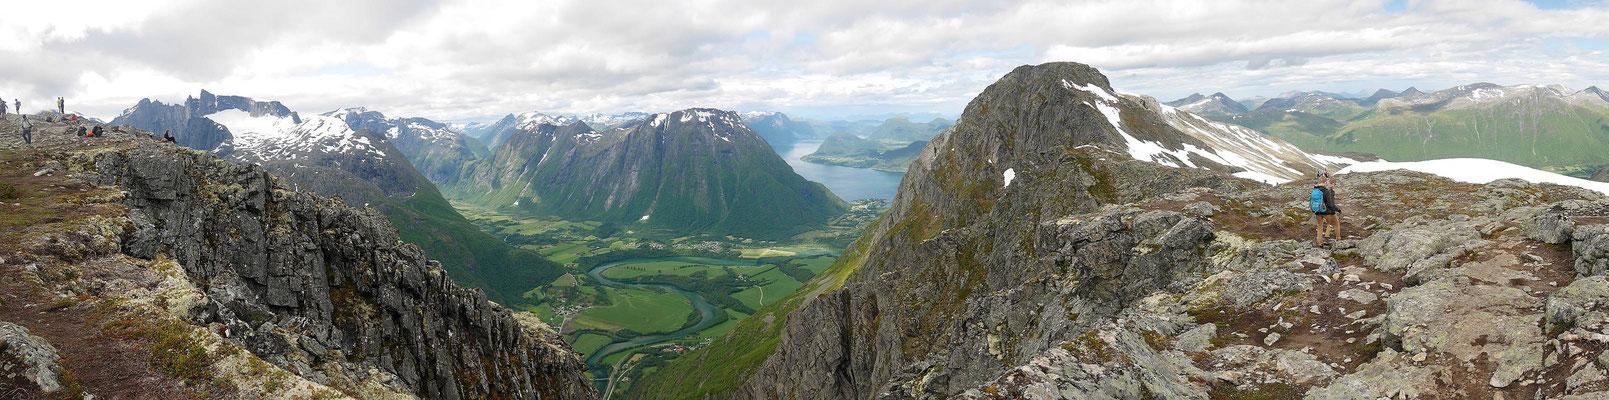 Blick zum Isfjord